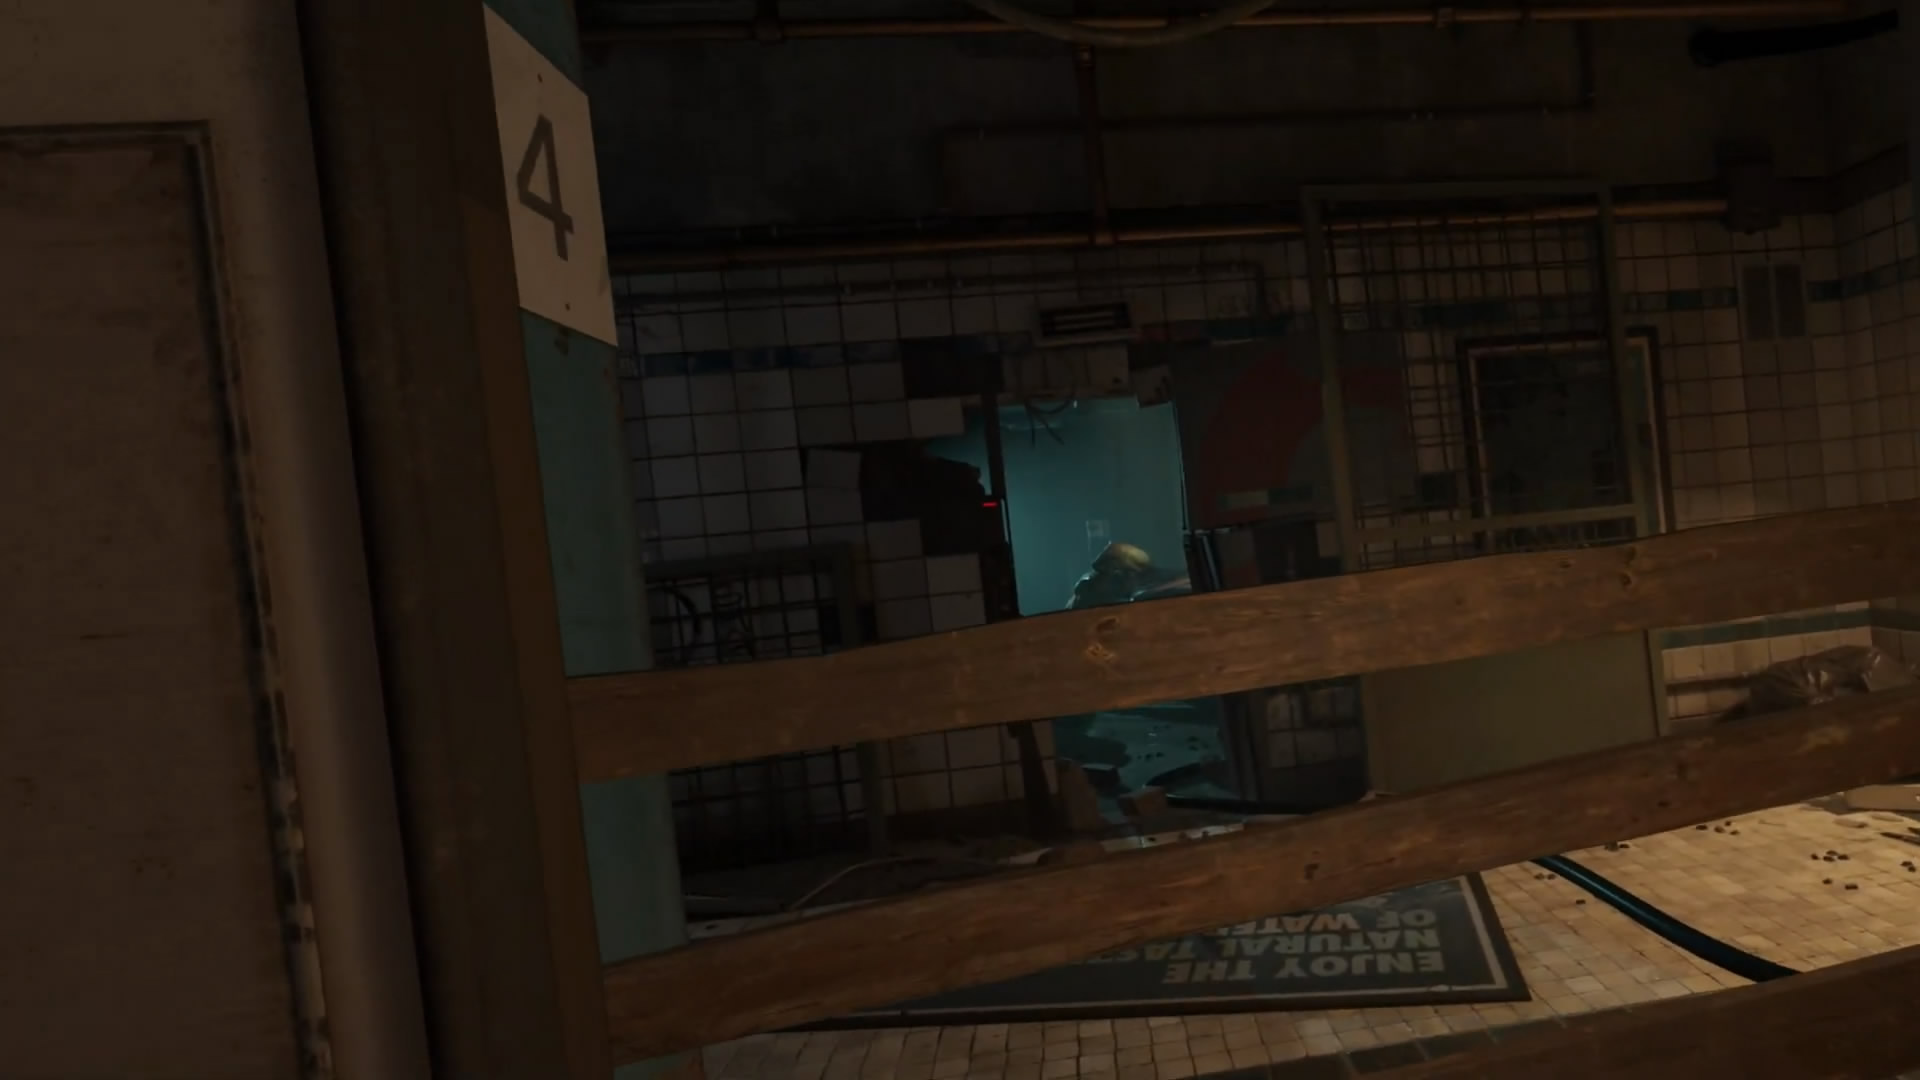 《半条命:Alyx》新视频公布 画面出众细节逼真